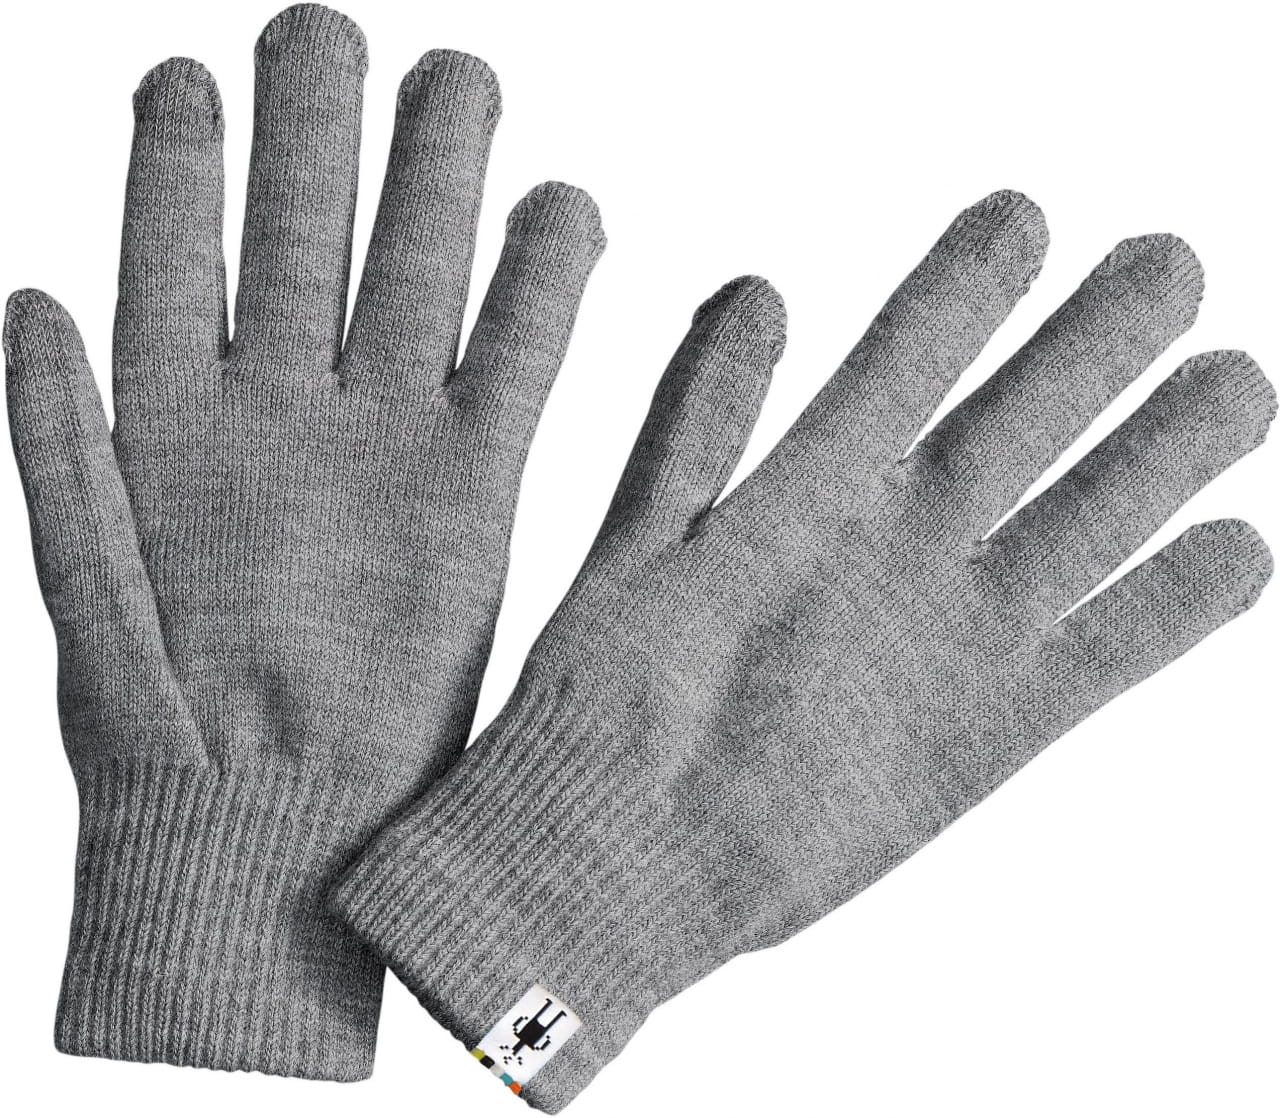 Unisexové rukavice Smartwool Liner Glove